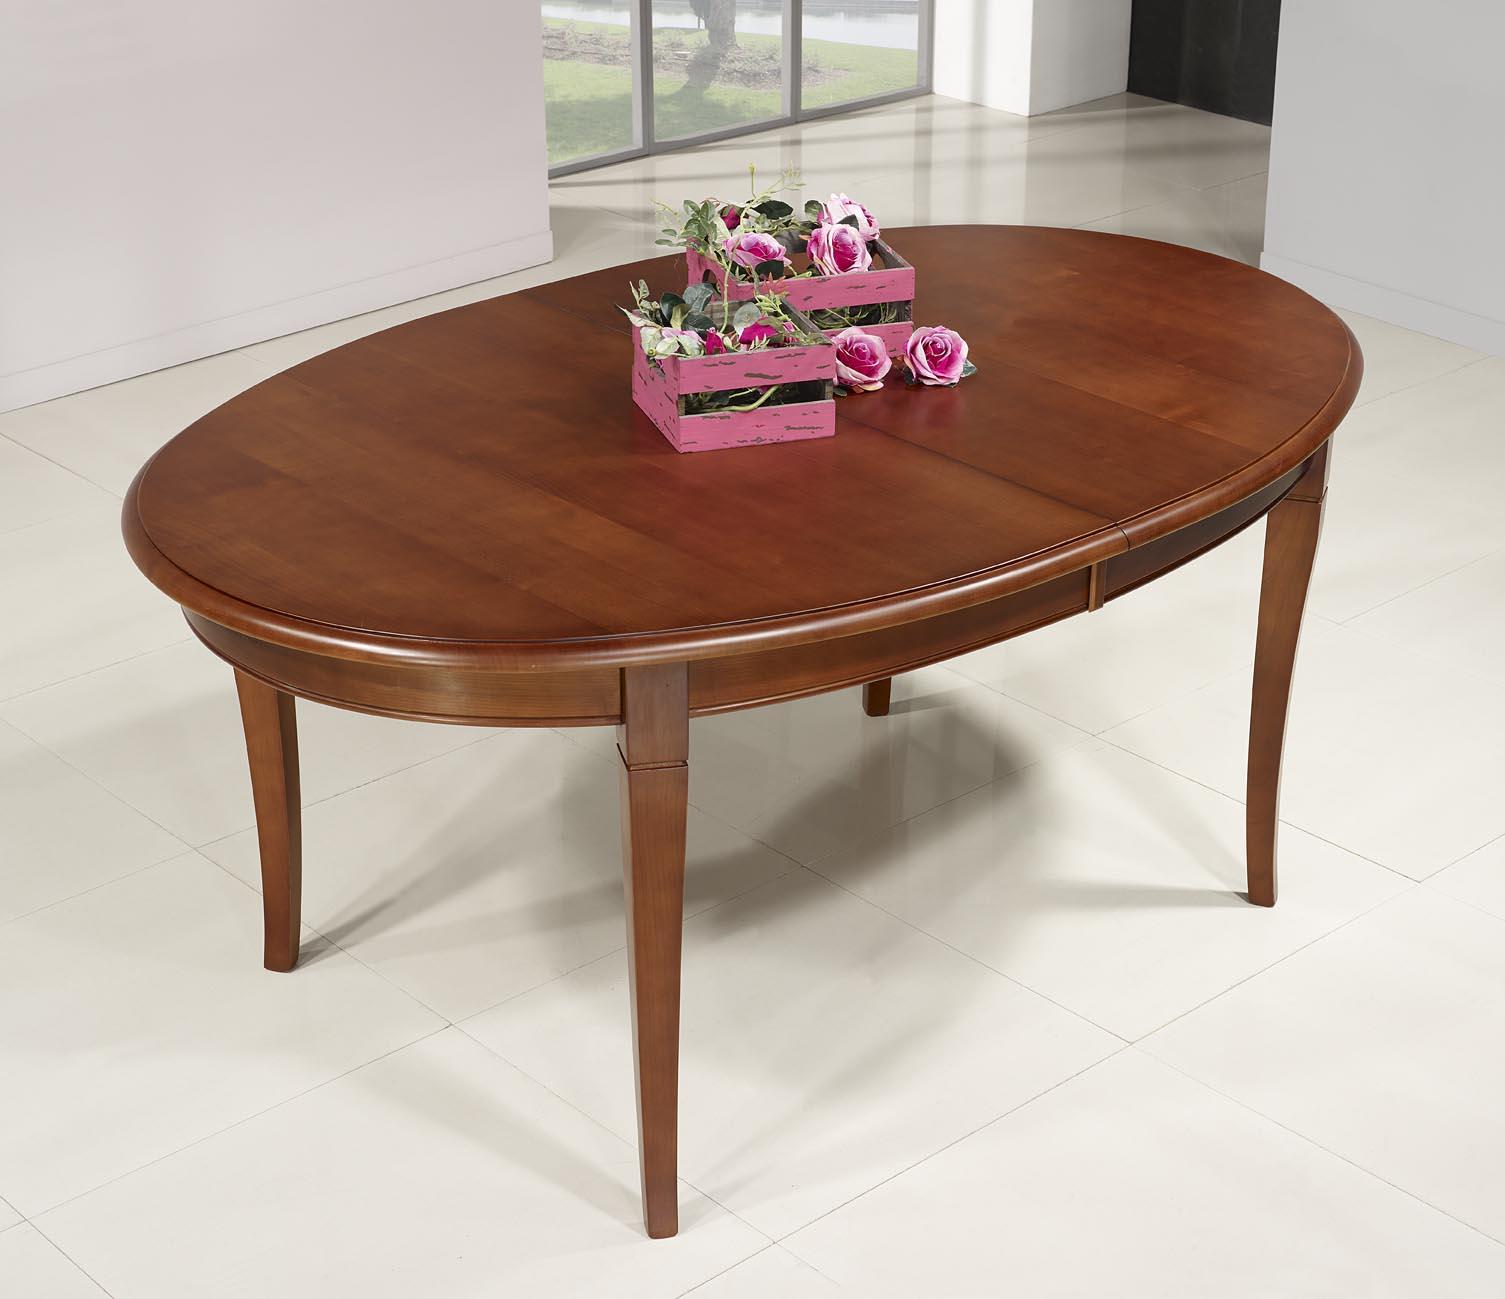 Mesa de comedor ovalada Estelle hecha en madera maciza de cerezo ...